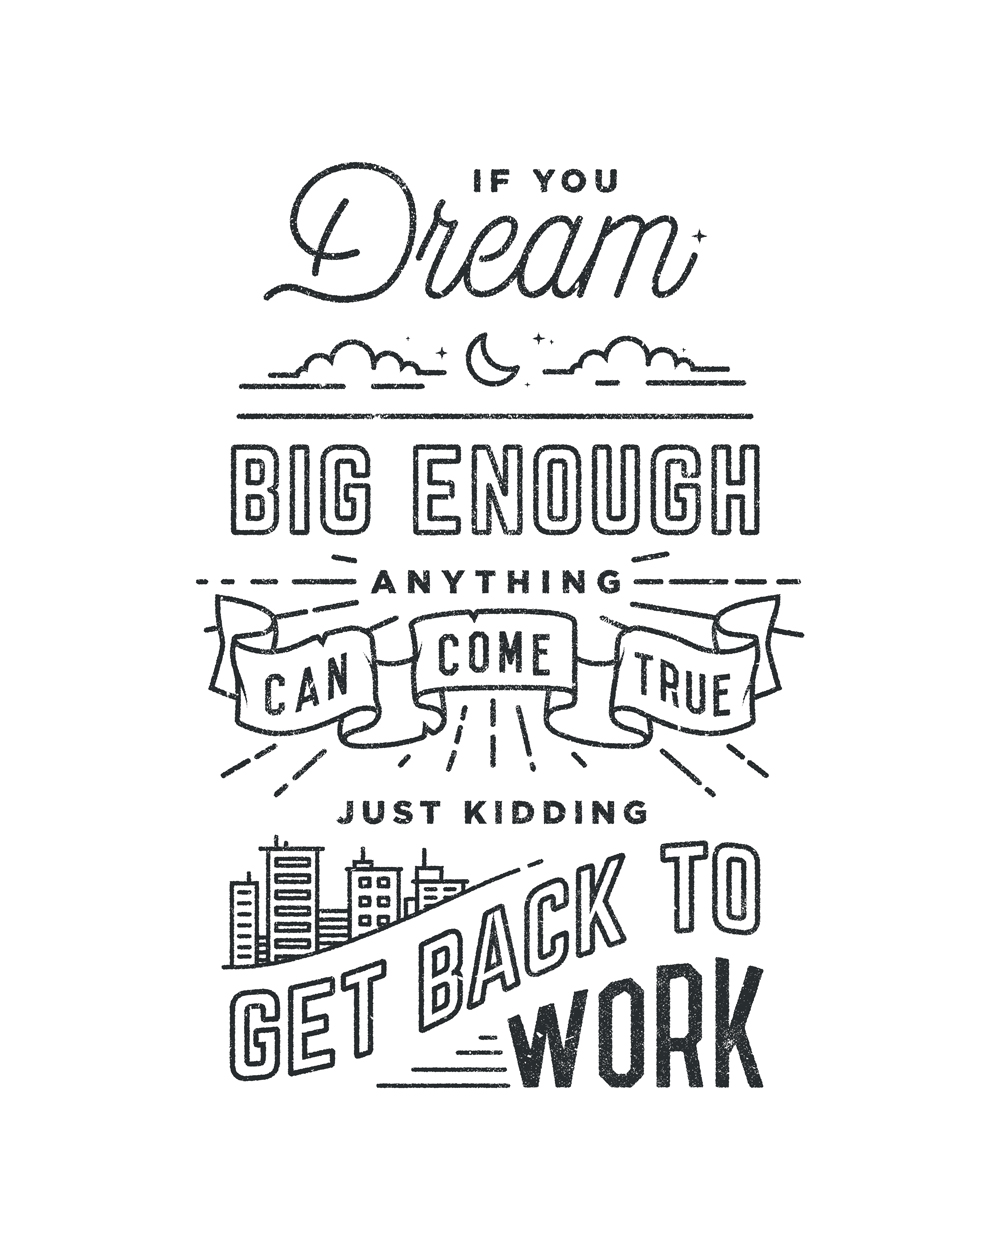 Get Back To Work by Drew Ellis